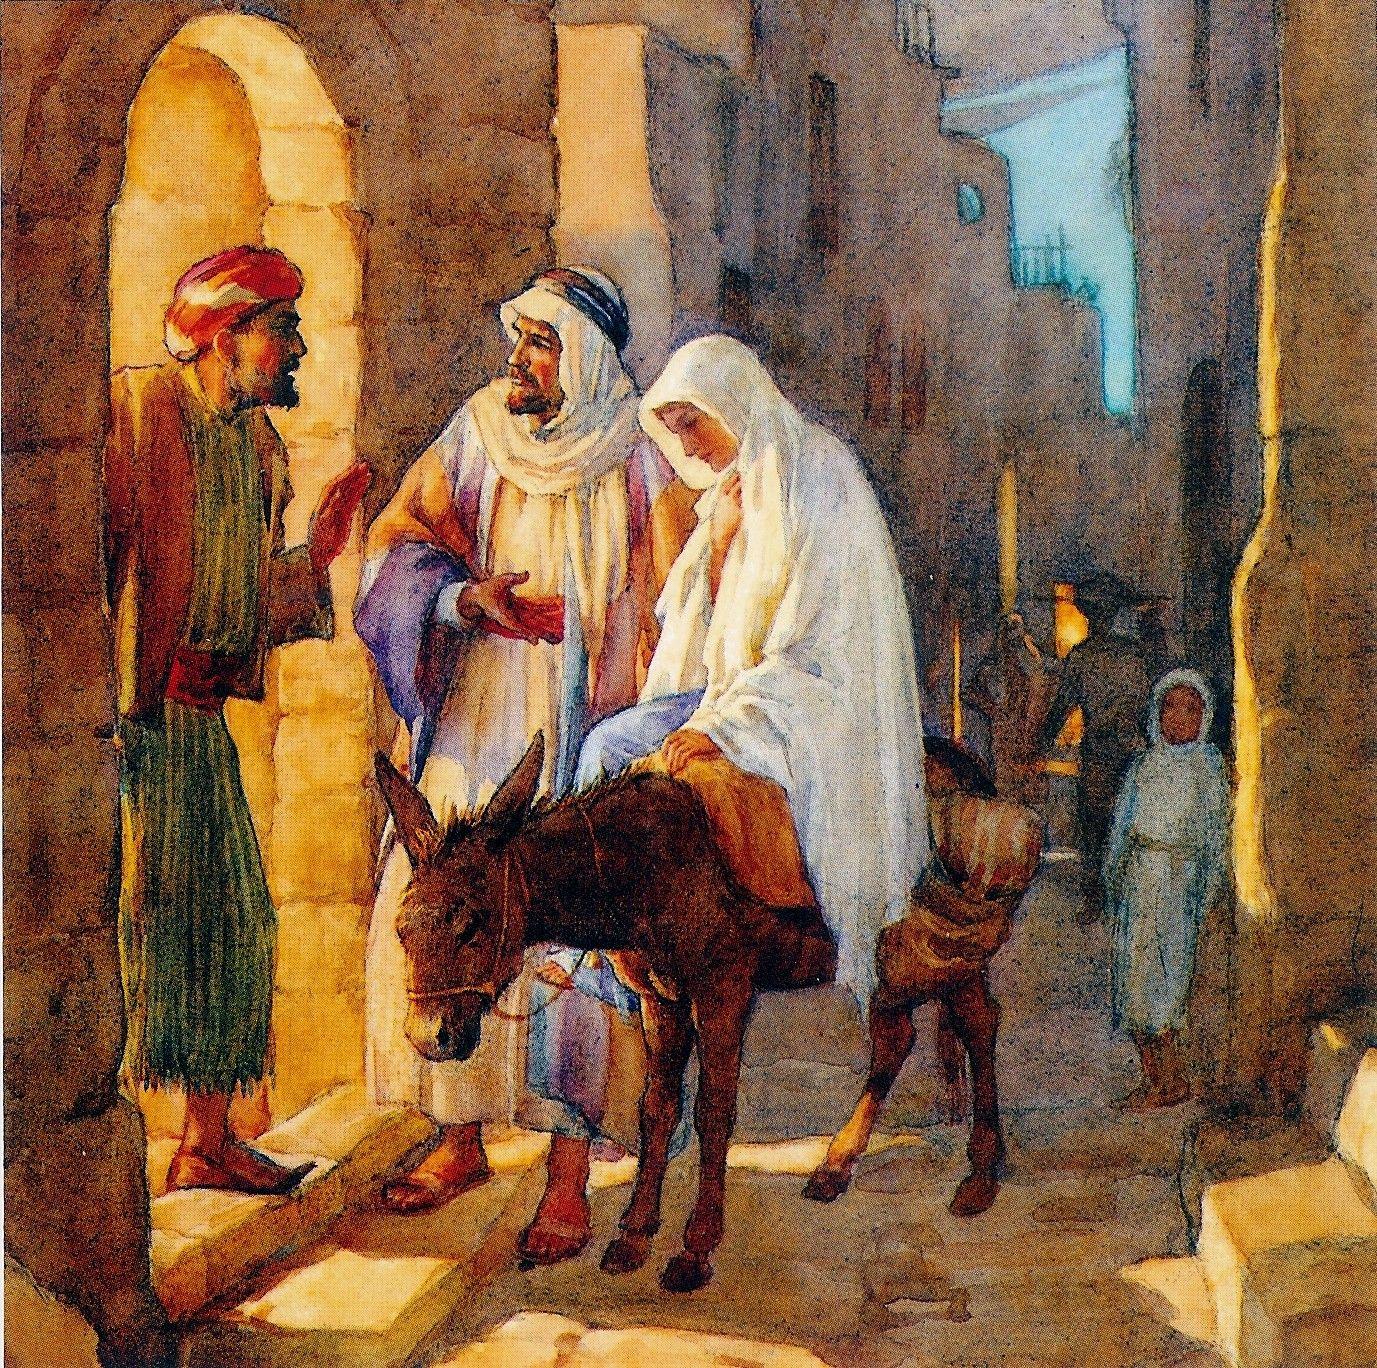 Lucas 2:4 - 7  Y José subió de Galilea, de la ciudad de Nazaret, a Judea, a la ciudad de David, que se llama Belén, por cuanto era de la casa y familia de David; para ser empadronado con María su mujer, desposada con él, la cual estaba encinta. Y aconteció que estando ellos allí, se cumplieron los días de su alumbramiento. Y dio a luz a su hijo primogénito, y lo envolvió en pañales, y lo acostó en un pesebre, porque no había lugar para ellos en el mesón.♔